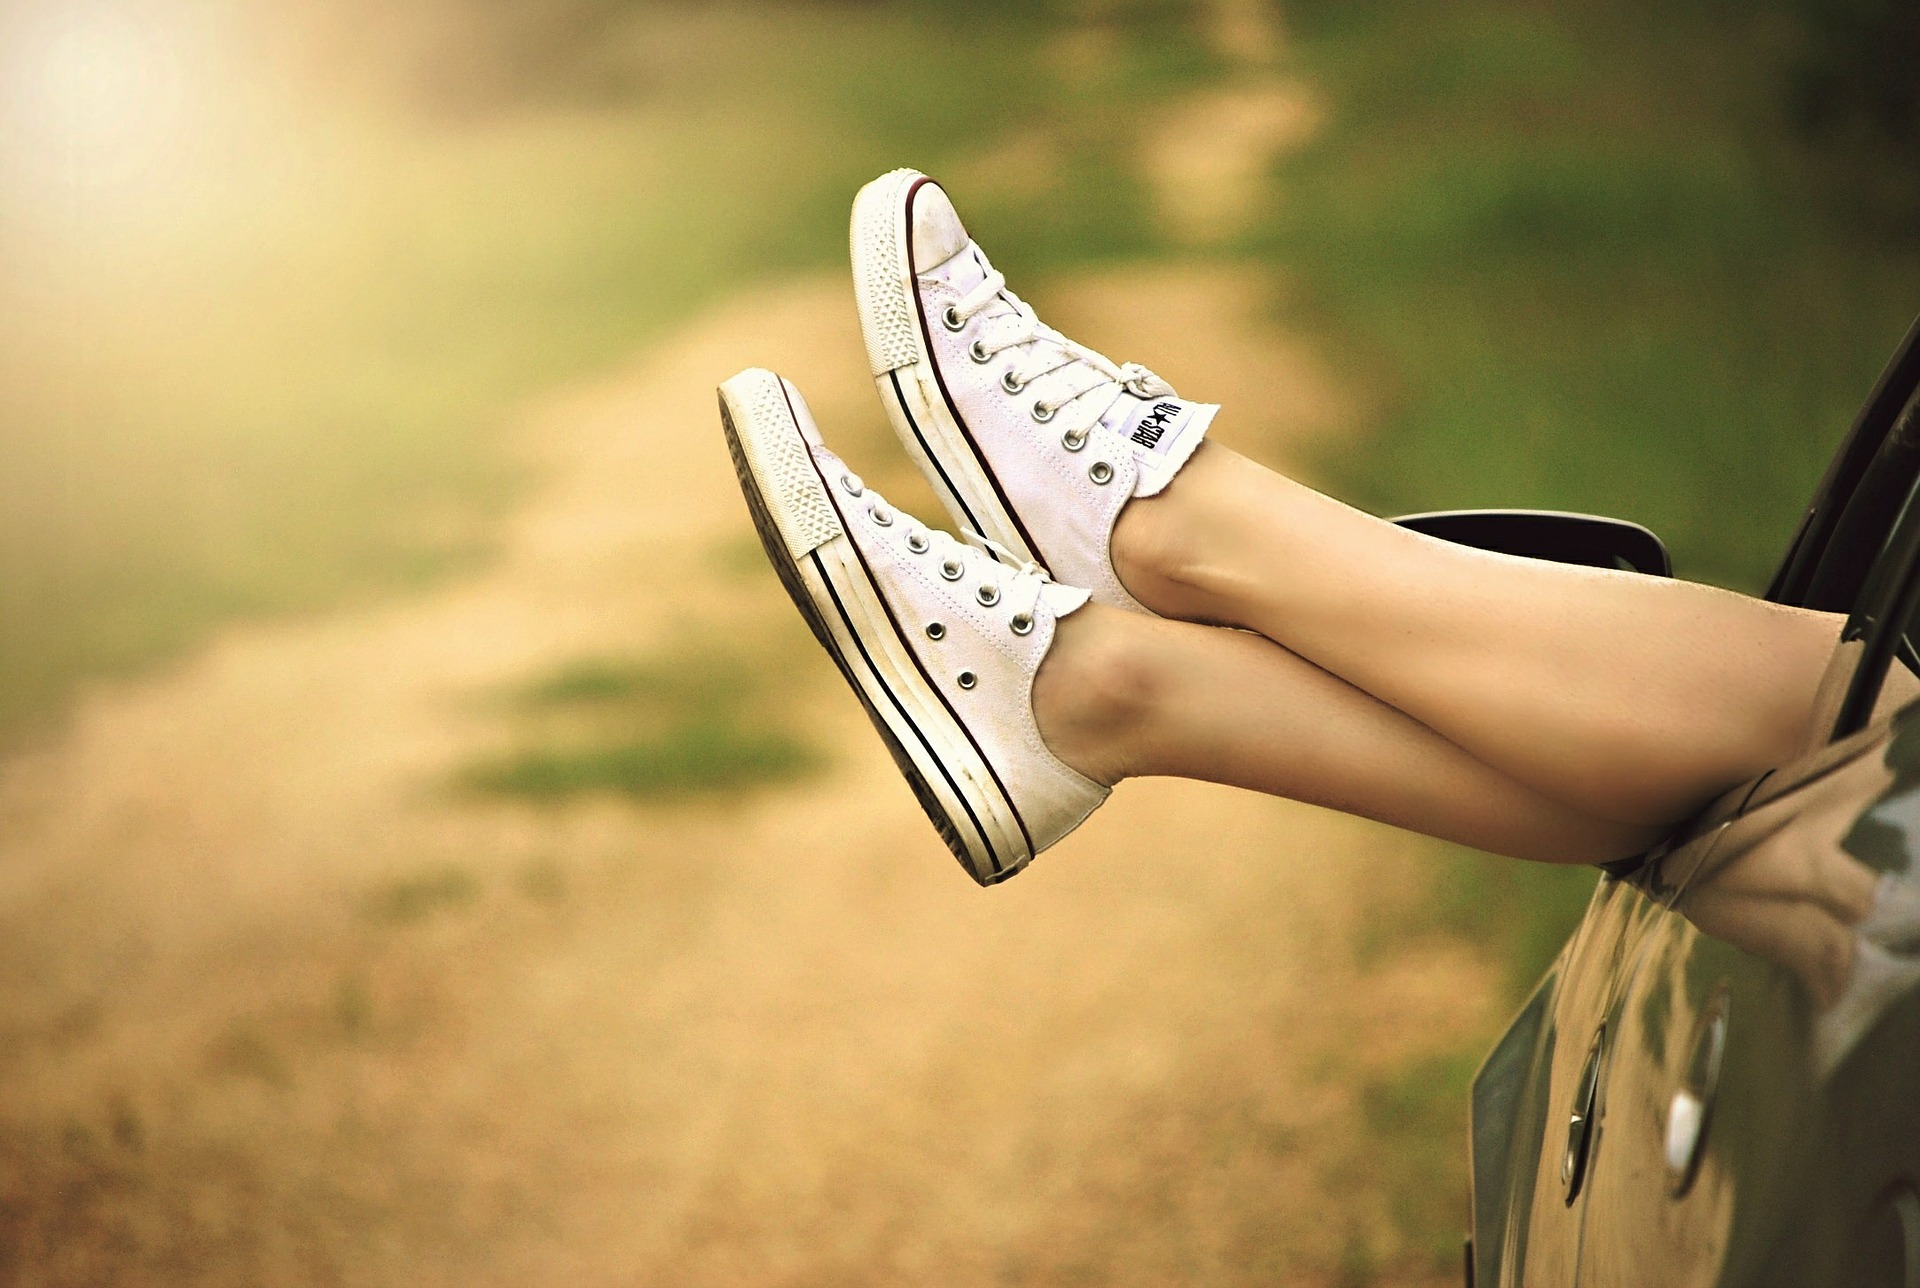 Péče o nohy se vyplatí (ilustrační foto)